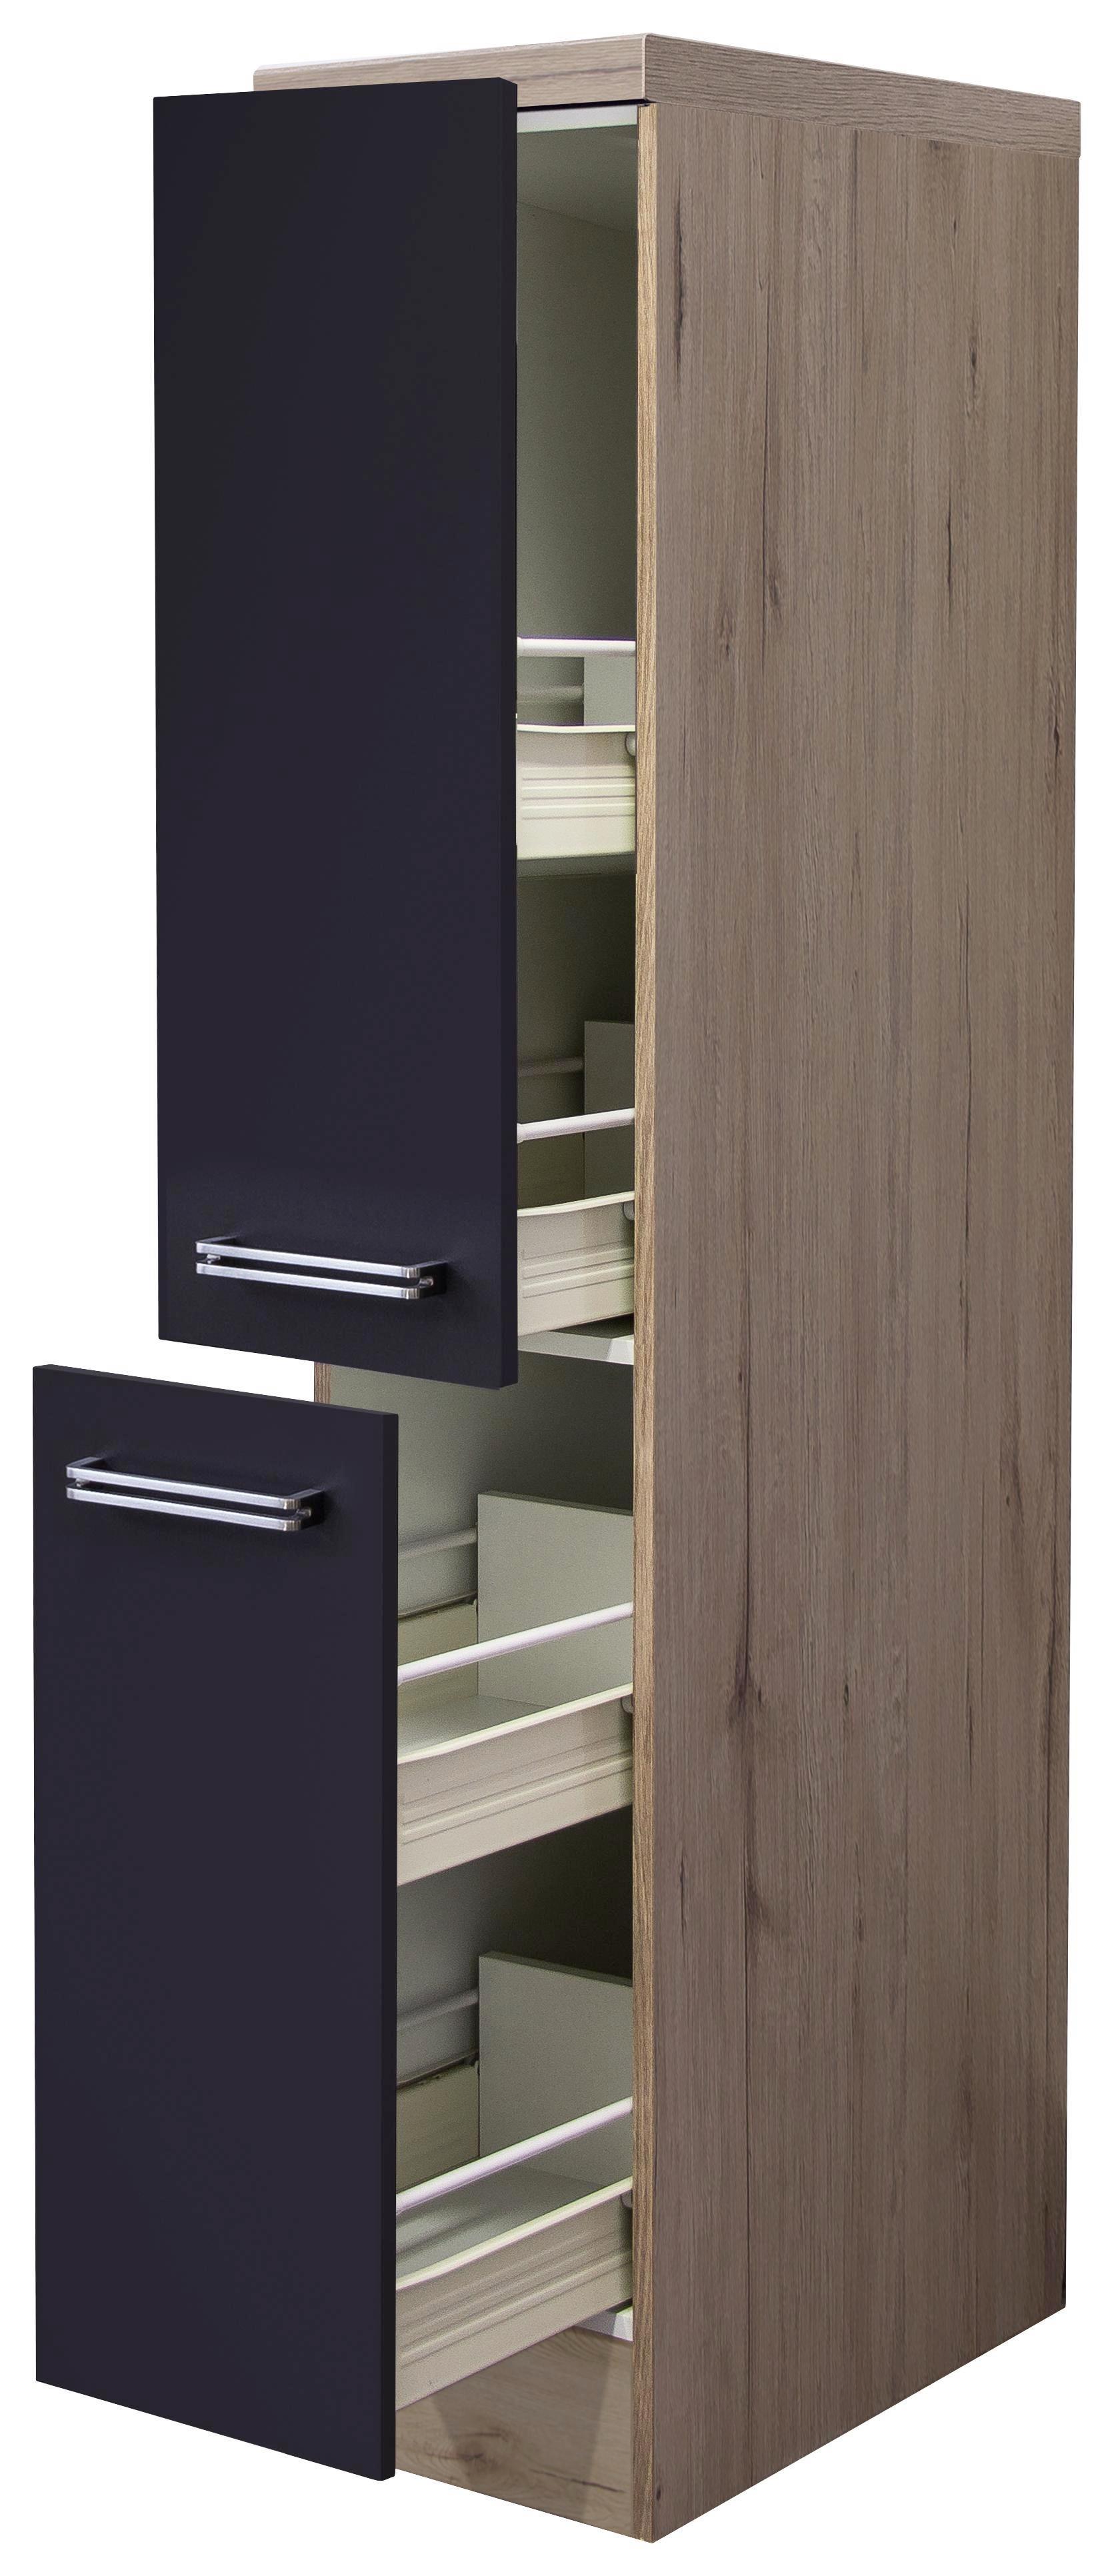 Charmant Apothekerschrank Küche Ikea Galerie - Die Kinderzimmer ...